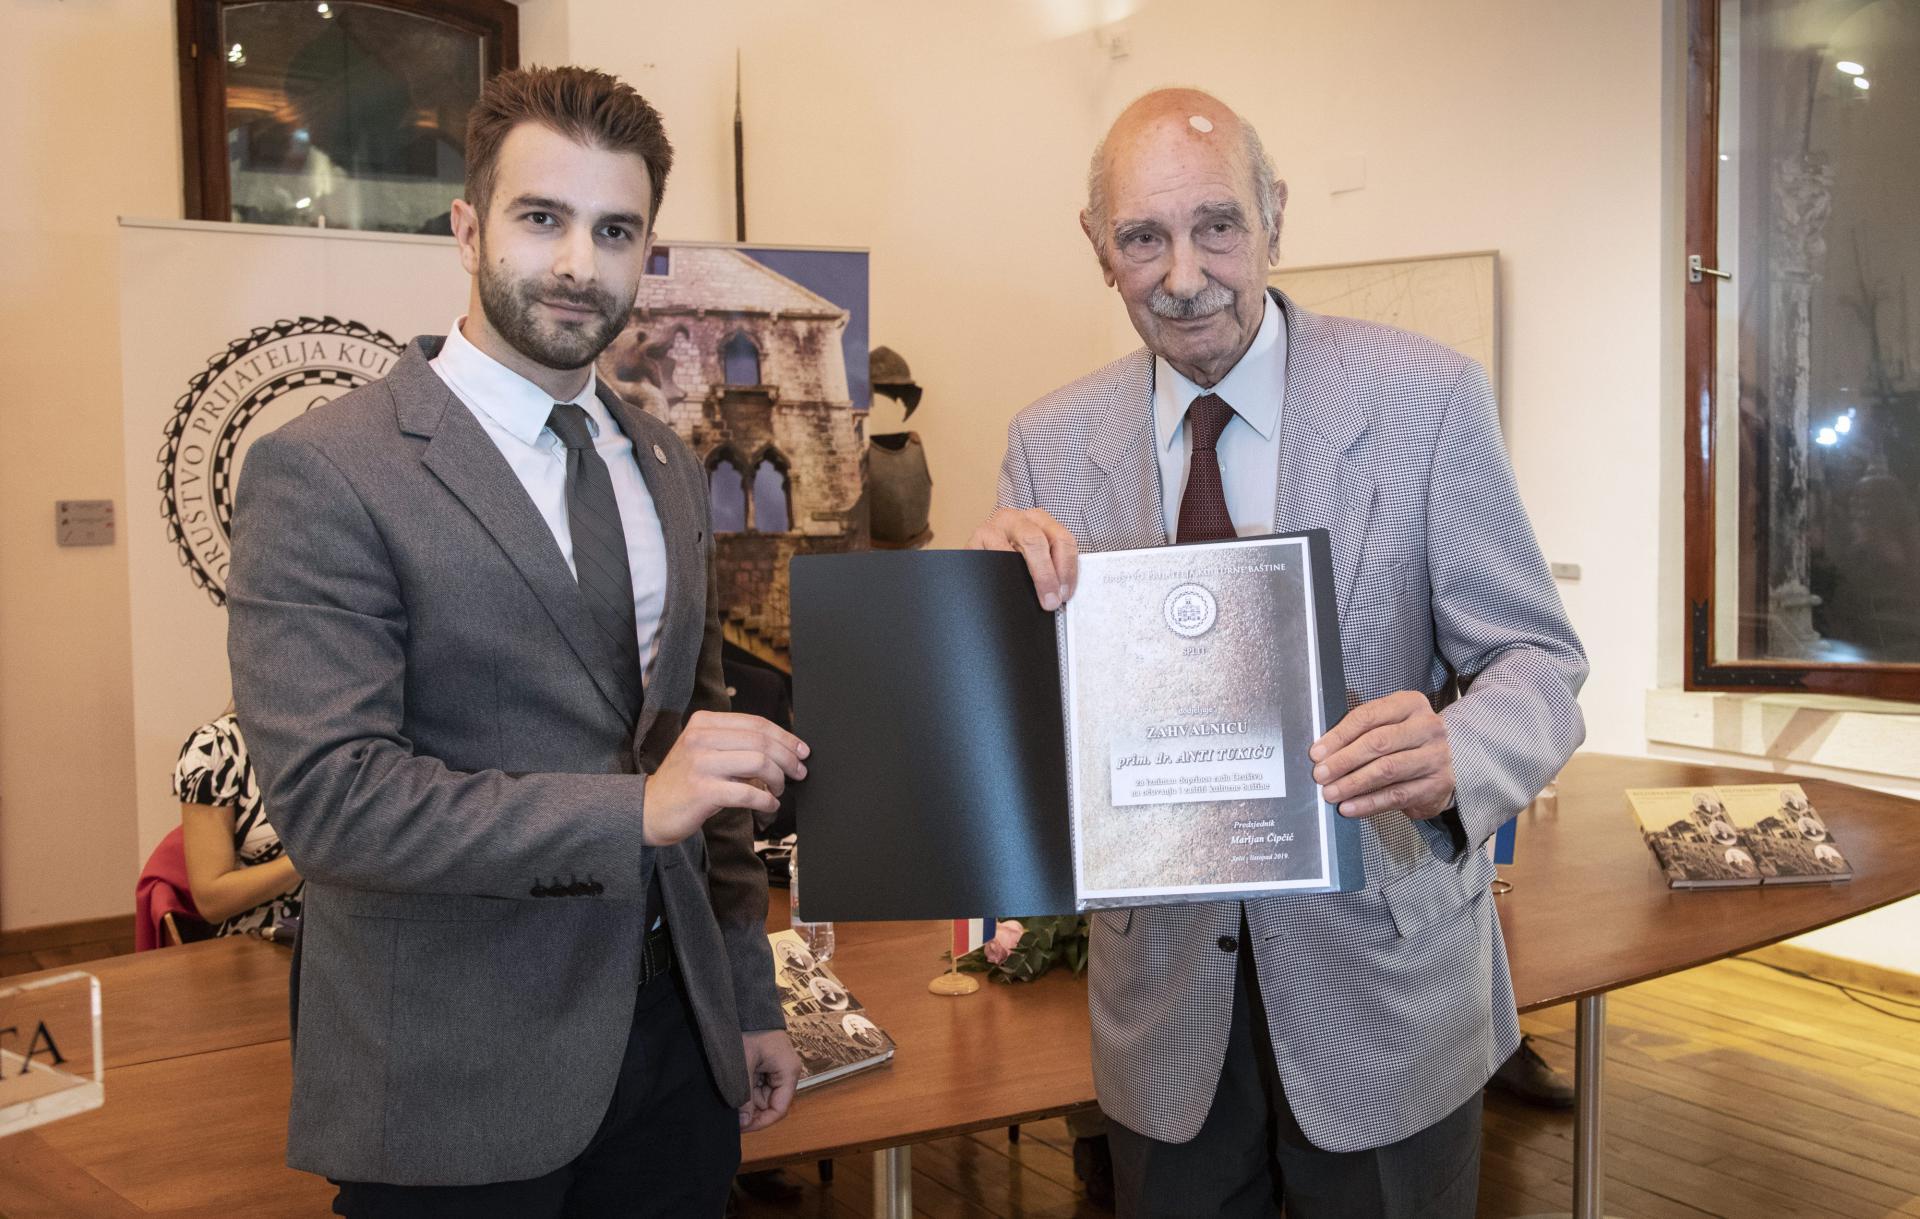 Društvo prijatelja kulturne baštine Split ovom je prigodom za izniman doprinos na očuvanje kulturne baštine dodijelilo zahvalnicu svojem dugogodišnjem članu prim. dr. Anti Tukiću